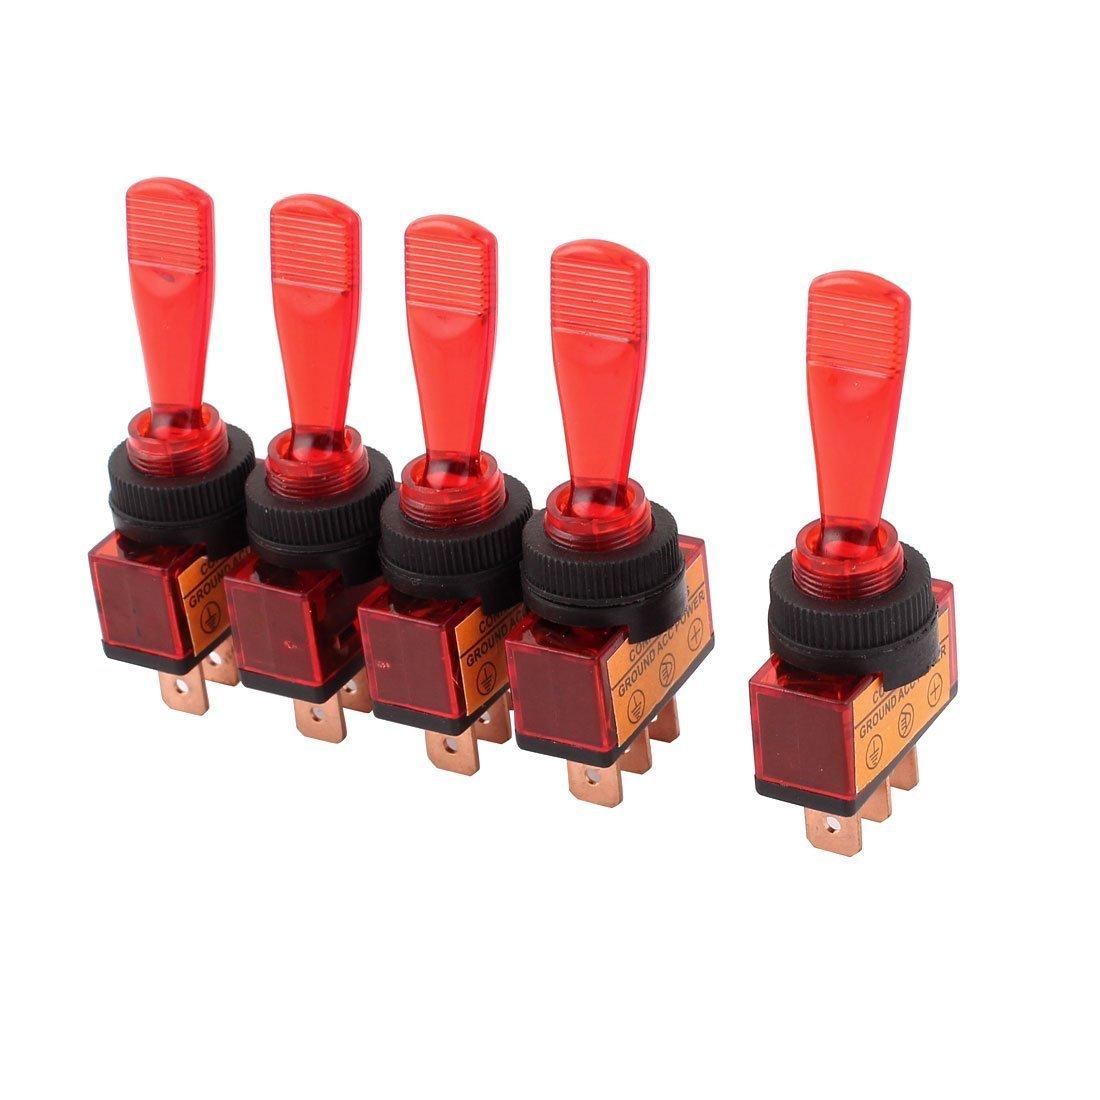 sourcingmap® 5 pcs DC 12V 20A 12mm montage panneau SPDT 2-Position interrupteur bascule rouge sourcing map a15050900ux0351